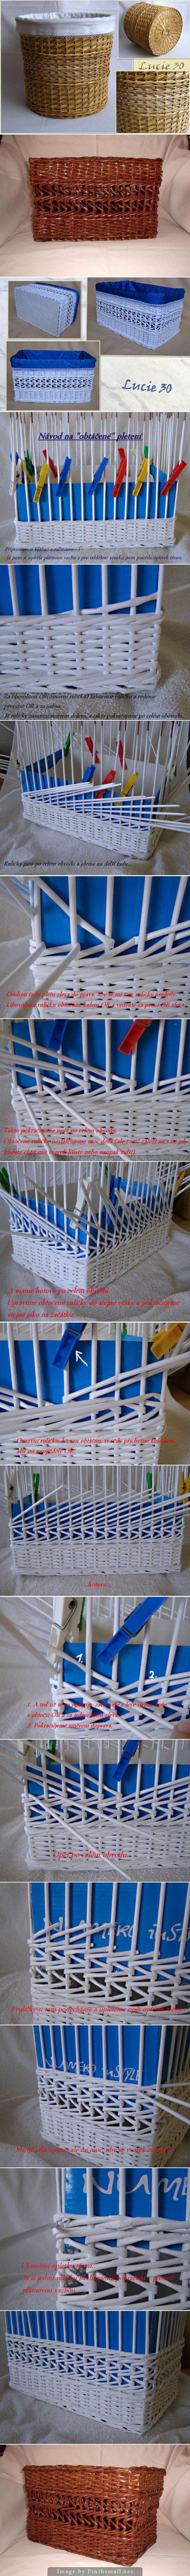 mas cestos tejidos - created via http://pinthemall.net